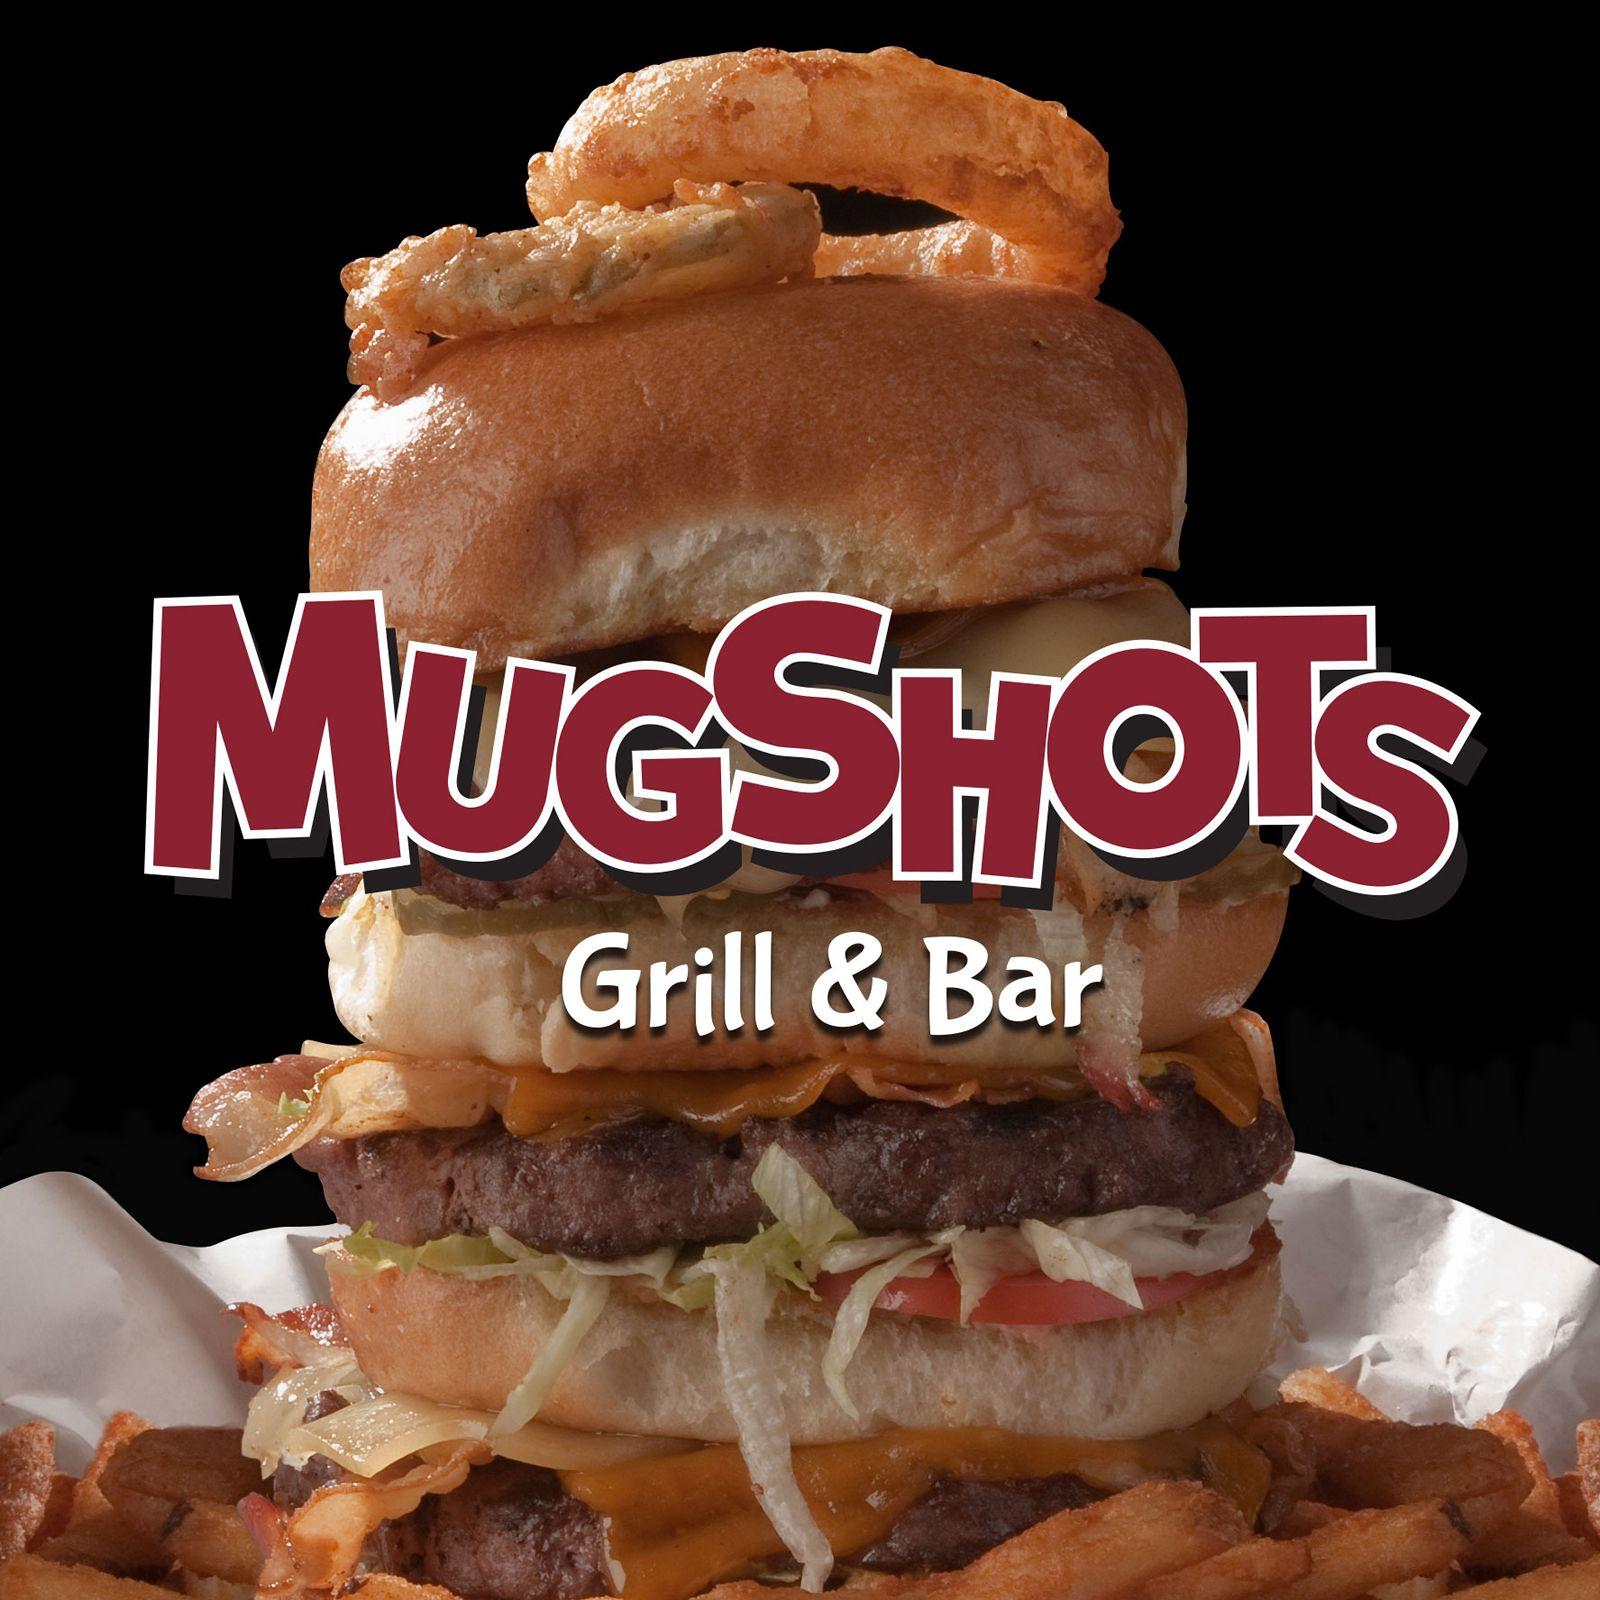 Mugshots Grill & Bar Announces Acquisition